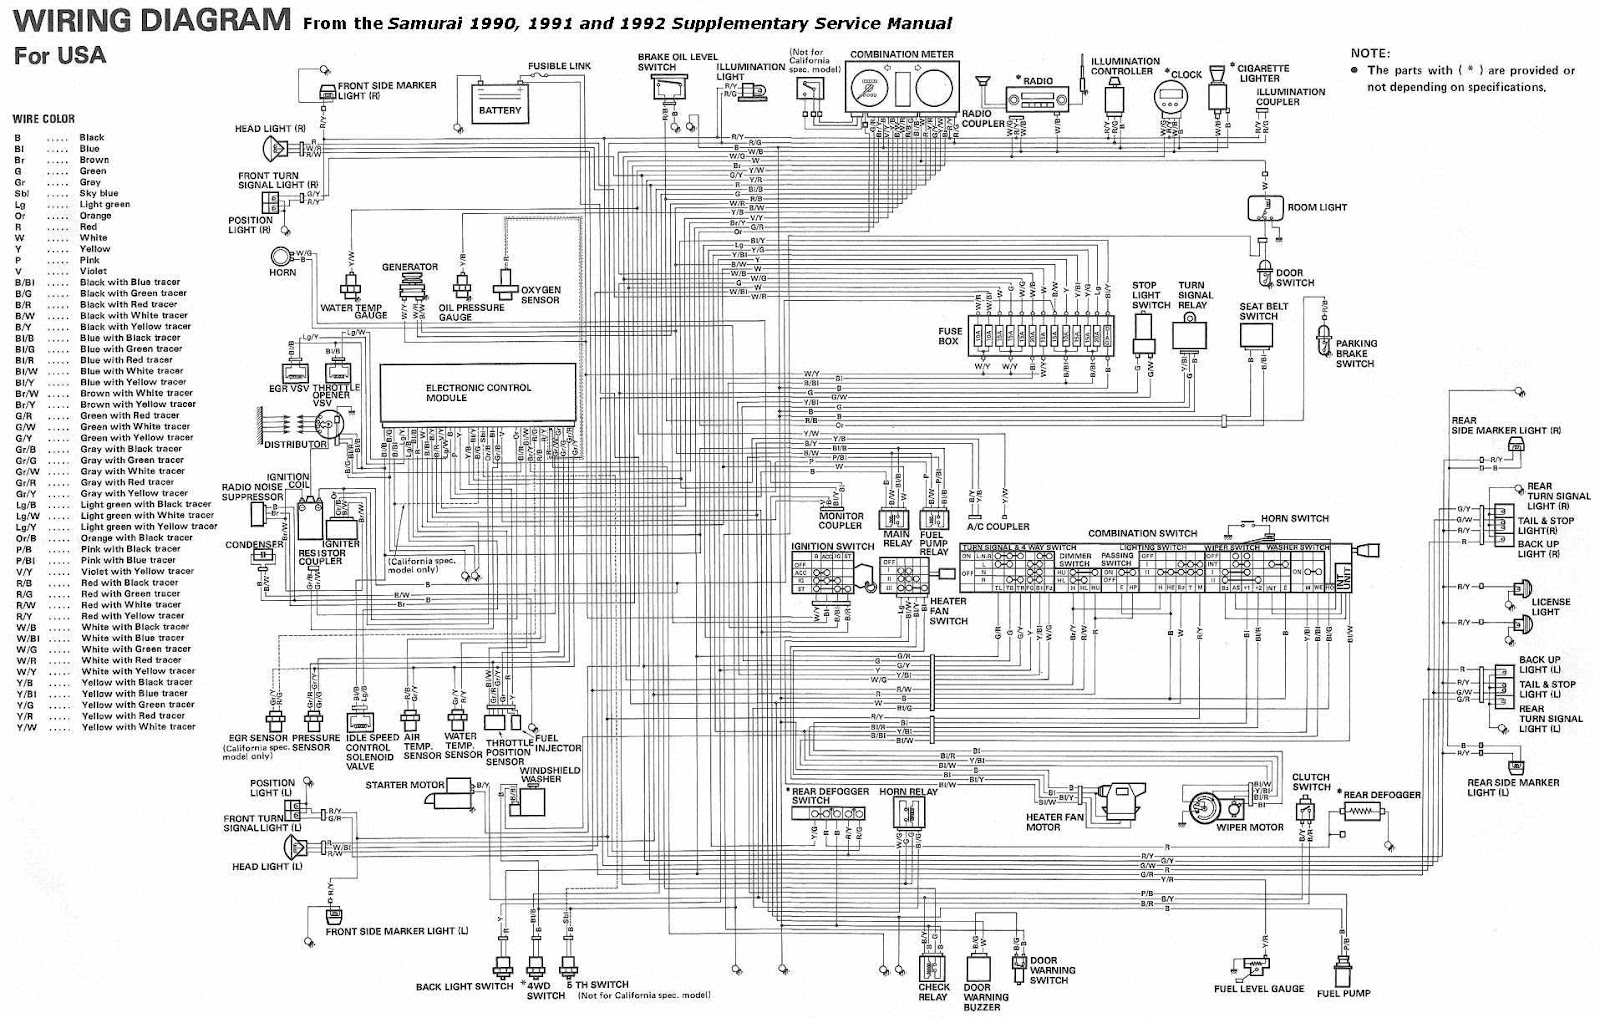 Suzuki+Samurai+1990 1992+Complete+Electrical+Wiring+Diagram+(USA)?resize\\\\\\\\\\\\\\\\\\\\\\\\\\\\\\\\\\\\\\\\\\\\\\\\\\\\\\\\\\\\\\\\\\\\\\\\\\\\\\\\\\\\\\\\\\\\\\\\\\\\\\\\\\\\\\\\\\\\\\\\\\\\\\\\\\\\\\\\\\\\\\\\\\\\\\\\\\\\\\\\\\\\\\\\\\\\\\\\\\\\\\\\\\\\\\\\\\\\\\\\\\\\\\\\\\\\\\\\\\\\\\\\\\\\\\\\\\\\\\\\\\\\\\\\\\\\\\\\\\\\\\\\\\\\\\\\\\\\\\\\\\\\\\\\\\\\\\\\\\\\\\\\\\\\\\\\\\\\\\\\\\\\\\\\\\\\\\\\\\\\\\\\\\\\\\\\\\\\\\\\\\\\\\\\\\\\\\\\\\\\\\\\\\\\\\\\\\\\\\\\\\\\\\\\\\\\\\\\\\\\\\\\\\\\\\\\\\\\\\\\\\\\\\\\\\\\\\\\\\\\\\\\\\\\\\\\\\\\\\\\\\\\\\\\\\\\\\\\\\\\\\\\\\\\\\\\\\\\\\\\\\\\\\\\\\\\\\\\\\\\\\\\\\\\\\\\\\\\\\\\\\\\\\\\\\\\\\\\\\\\\\\\\\\\\\\\\\\\\\\\\\\\\\\\\\\\\\\\\\\\\\\\\\\\\\\\\\\\\\\\\\\\\\\\\\\\\\\\\\\\\\\\\\\\\\\\\\\\\\\\\\\\\\\\\\\\\\\\\\\\\\\\\\\\\\\\\\\\\\\\\\\\\\\\\\\\\\\\\\\\\\\\\\\\\\\\\\\\\\\\\\\\\\\\\\\\\\\\\\\\\\\\\\\\\\\\\\\\\\\\\\\\\\\\\\\\\\\\\\\\\\\\\\\\\\\\\\\\\\\\\\\\\\\\\\\\\\\\\\\\\\\\\\\\\\\\\\\\\\\\\\\\\\\\\\\\\\\\\\\\\\\\\\\\\\\\\\\\\\\\\\\\\\\\\\\\\\\\\\\\\\\\\\\\\\\\\\\\\\\\\\\\\\\\\\\\\\\\\\\\\\\\\\\\\\\\\\\\\\\\\\\\\\\\\\\\\\\\\\\\\\\\\\\\\\\\\\\\\\\\\\\\\\\\\\\\\\\\\\\\\\\\\\\\\\\\\\\\\\\\\\\\\\\\\\\\\\\\\\\\\\\\\\\\\\\\\\\\\\\\\\\\\\\\\\\\\\\\\\\\\\\\\\\\\\\\\\\\\\\\\\\\\\\\\\\\\\\\\\\\\\\\\\\\\\\\\\\\\\\\\\\\\\\\\\\\\\\\\\\\\\\\\\\\\\\\\\\\\\\\\\\\\\\\\\\\\\\\\\\\\\\\\\\\\\\\\\\\\\\\\\\\\\\\\\\\\\\\\\\\\\\\\\\\\\\\\\\\\\\\\\\\\\\\\\\\\\\\\\\\\\\\\\\\\\\\\\\\\\\\\\\\\\\\\\\\\\\\\\\\\\\\\\\\\\\\\\\\\\\\\\\\\\\\\\\\\\\\\\\\\\\\\\\\\\\\\\\\\\\\\\\\\\\\\\\\\\\\\\\\\\\\\\\\\\\\\\\\\\\\\\\\\\\\\\\\\\\\\\\\\\\\\\\\\\\\\\\\\\\\\\\\\\\\\\\\\\\\\\\\\\\\\\\\\\\\\\\\\\\\\\\\\\\\\\\\\\\\\\\\\\\\\\\\\\\\\\\\\\\\\\\\\\\\\\\\\\\\\\\\\\\\\\\\\\\\\\\\\\\\\\\\\\\\\\\\\\\\\\\\\\\\\\\\\\\\\\\\\\\\\\\\\\\\\\\\\\\\\\\\\\\\\\\\\\\\\\\\\\\\\\\\\\\\\\\\\\\\\\\\\\\\\\\\\\\\\\\\\\\\\\\\\\\\\\\\\\\\\\\\\\\\\\\\\\\\\\\\\\\\\\\\\\\\\\\\\\\\\\\\\\\\\\\\\\\\\\\\\\\\\\\\\\\\\\\\\\\\\\\\\\\\\\\\\\\\\\\\\\\\\\\\\\\\\\\\\\\\\\\\\\\\\\\\\\\\\\\\\\\\\\\\\\\\